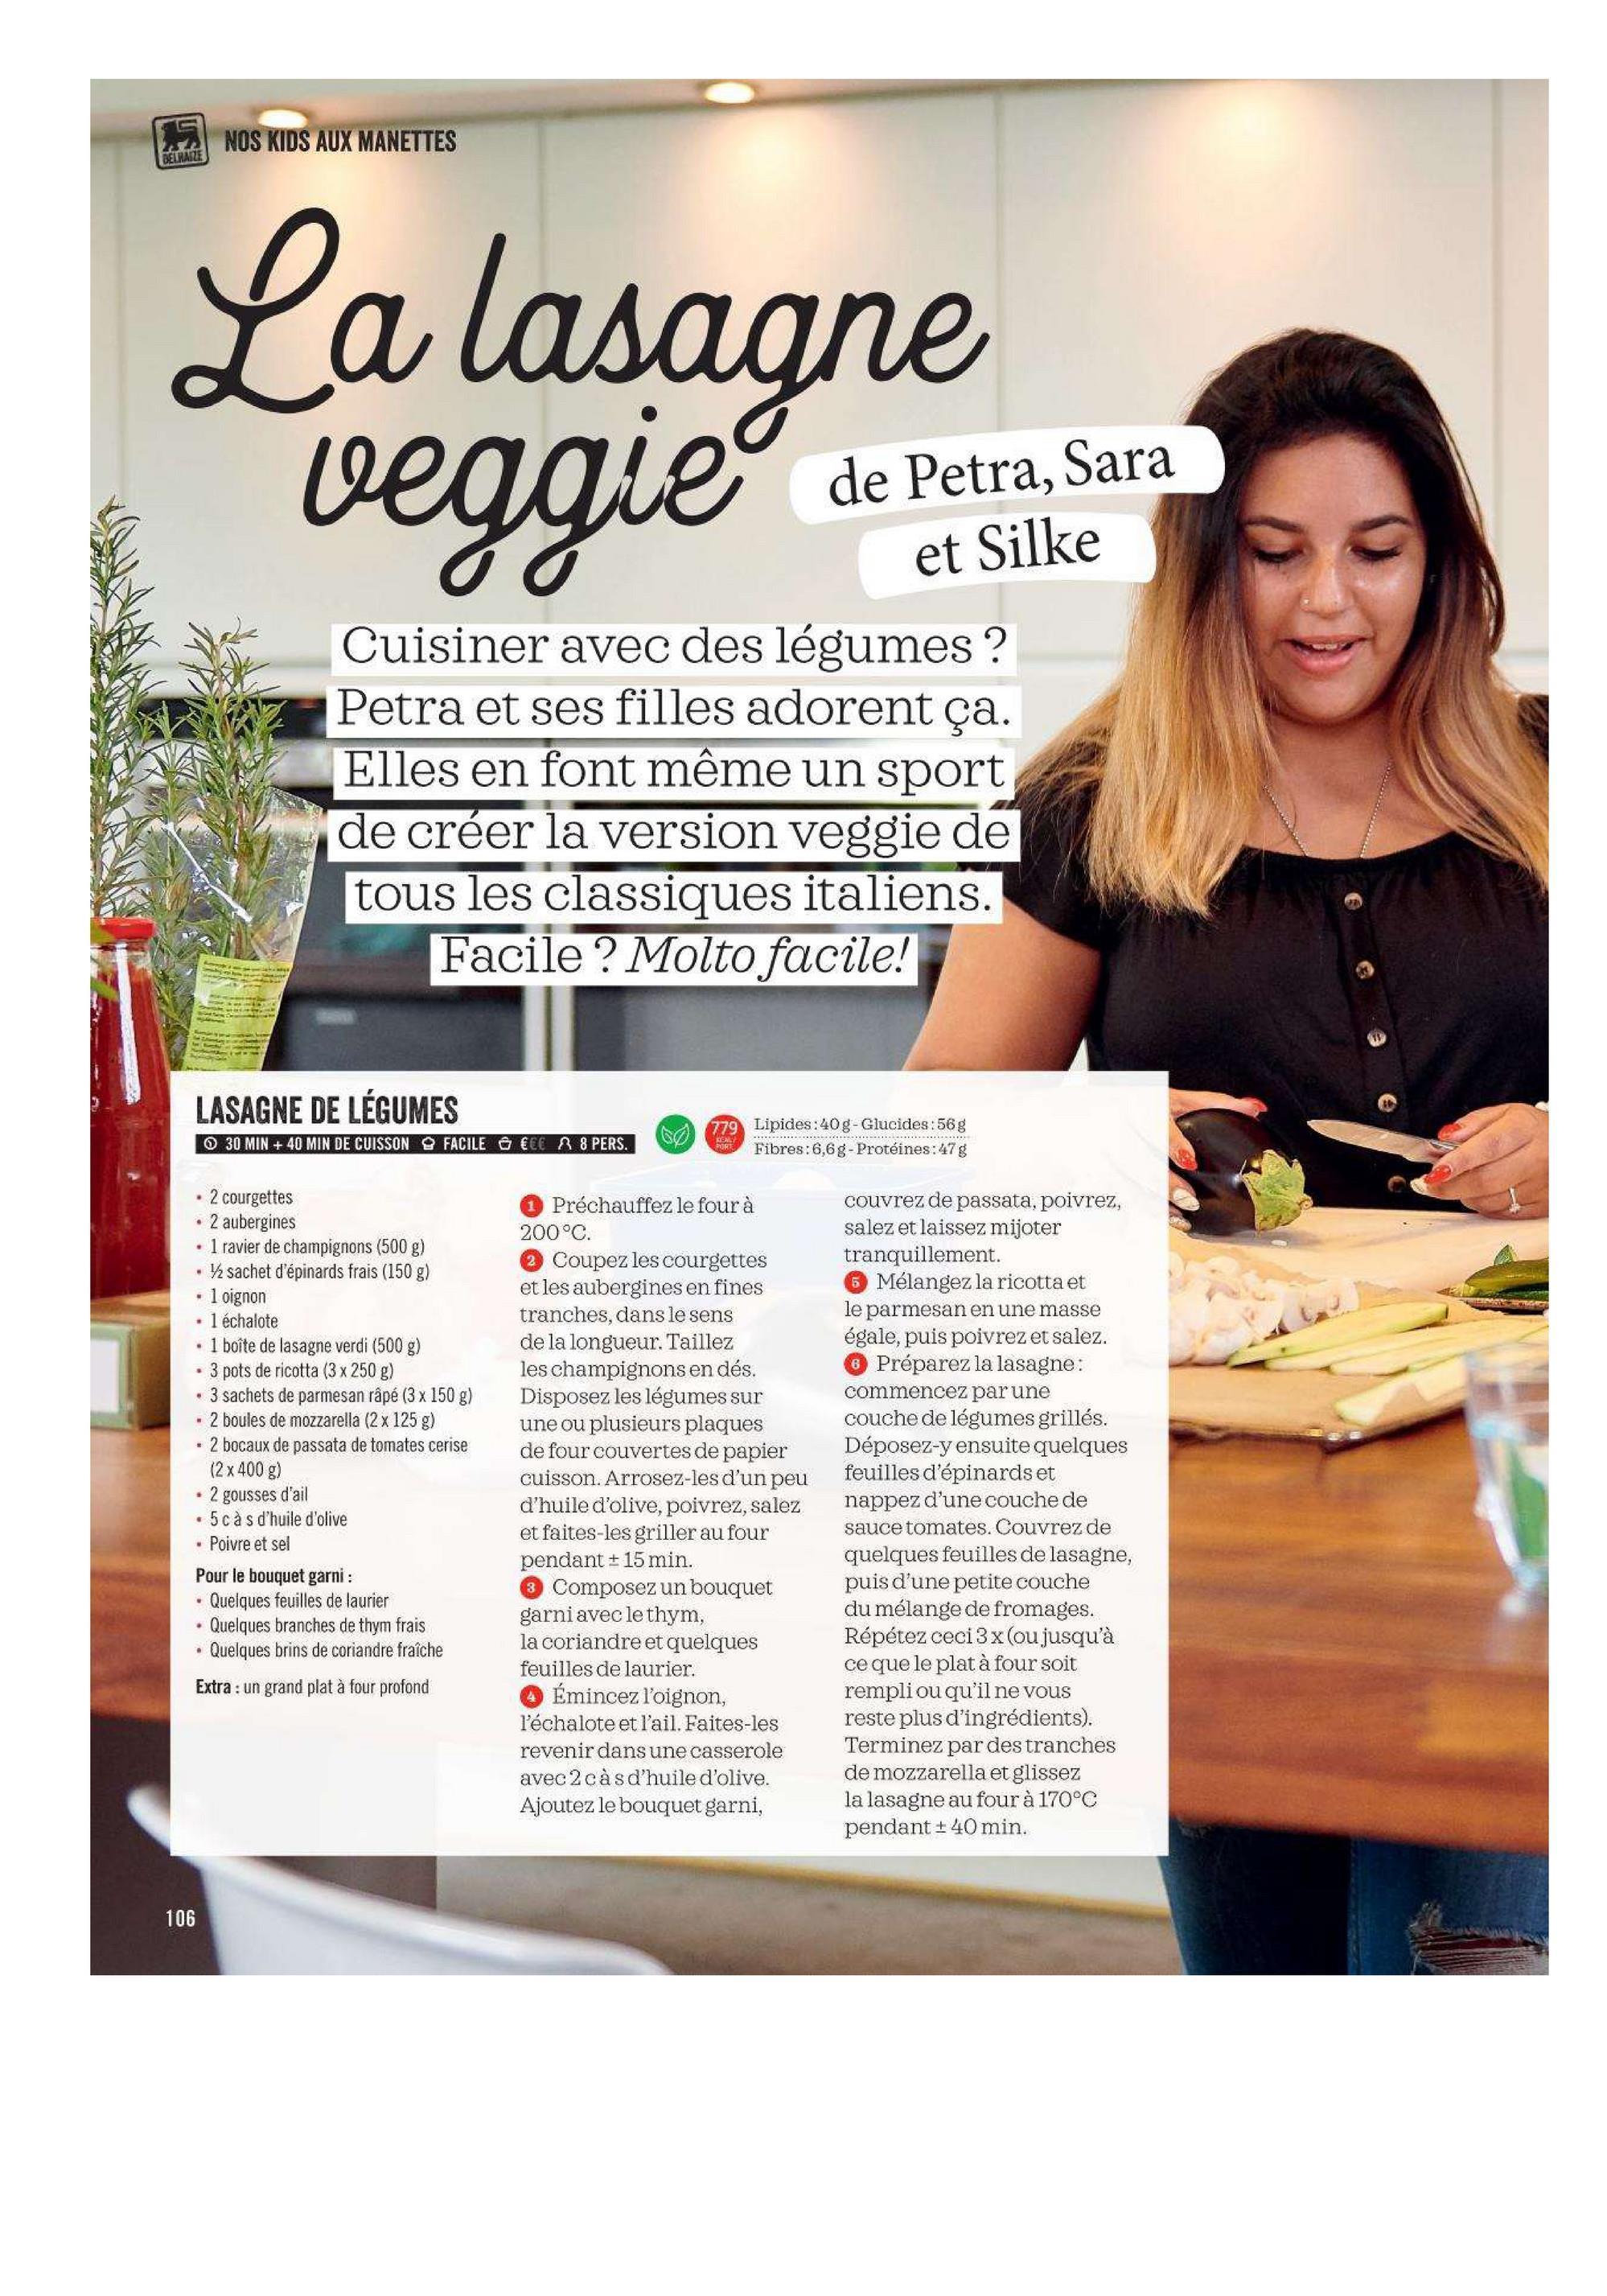 NOS KIDS AUX MANETTES PSIWARE Ya lasagne de Petra, Sara et Silke Cuisiner avec des légumes ? Petra et ses filles adorent ça. Elles en font même un sport de créer la version veggie de tous les classiques italiens. Facile? Molto facile! LASAGNE DE LÉGUMES O 30 MIN + 40 MIN DE CUISSON FACILE GECE R8 PERS. Lipides:40g-Glucides:56g Fibres: 6,6g - Protéines:47g • 2 courgettes • 2 aubergines • 1 ravier de champignons (500 g) . sachet d'épinards frais (150 g) . 1 oignon . 1 échalote • 1 boîte de lasagne verdi (500 g) • 3 pots de ricotta (3 x 250 g) . 3 sachets de parmesan râpé (3 x 150 g) • 2 boules de mozzarella (2x 125 g) • 2 bocaux de passata de tomates cerise (2 x 400 g) • 2 gousses d'ail • 5 càs d'huile d'olive • Poivre et sel Pour le bouquet garni: . Quelques feuilles de laurier . Quelques branches de thym frais . Quelques brins de coriandre fraîche Préchauffez le four à 200°C. Coupez les courgettes et les aubergines en fines tranches, dans le sens de la longueur. Taillez les champignons en dés. Disposez les légumes sur une ou plusieurs plaques de four couvertes de papier cuisson. Arrosez-les d'un peu d'huile d'olive, poivrez, salez et faites-les griller au four pendant + 15 min. 3 Composez un bouquet garni avec le thym, la coriandre et quelques feuilles de laurier. Émincez l'oignon, l'échalote et l'ail. Faites-les revenir dans une casserole avec 2 càs d'huile d'olive. Ajoutez le bouquet garni, couvrez de passata, poivrez, salez et laissez mijoter tranquillement. 6 Mélangez la ricotta et le parmesan en une masse égale, puis poivrez et salez. 6 Préparez la lasagne: commencez par une couche de légumes grillés. Déposez-y ensuite quelques feuilles d'épinards et nappez d'une couche de sauce tomates. Couvrez de quelques feuilles de lasagne, puis d'une petite couche du mélange de fromages. Répétez ceci 3 x(ou jusqu'à ce que le plat à four soit rempliou qu'il ne vous reste plus d'ingrédients). Terminez par des tranches de mozzarella et glissez la lasagne au four à 170°C penda